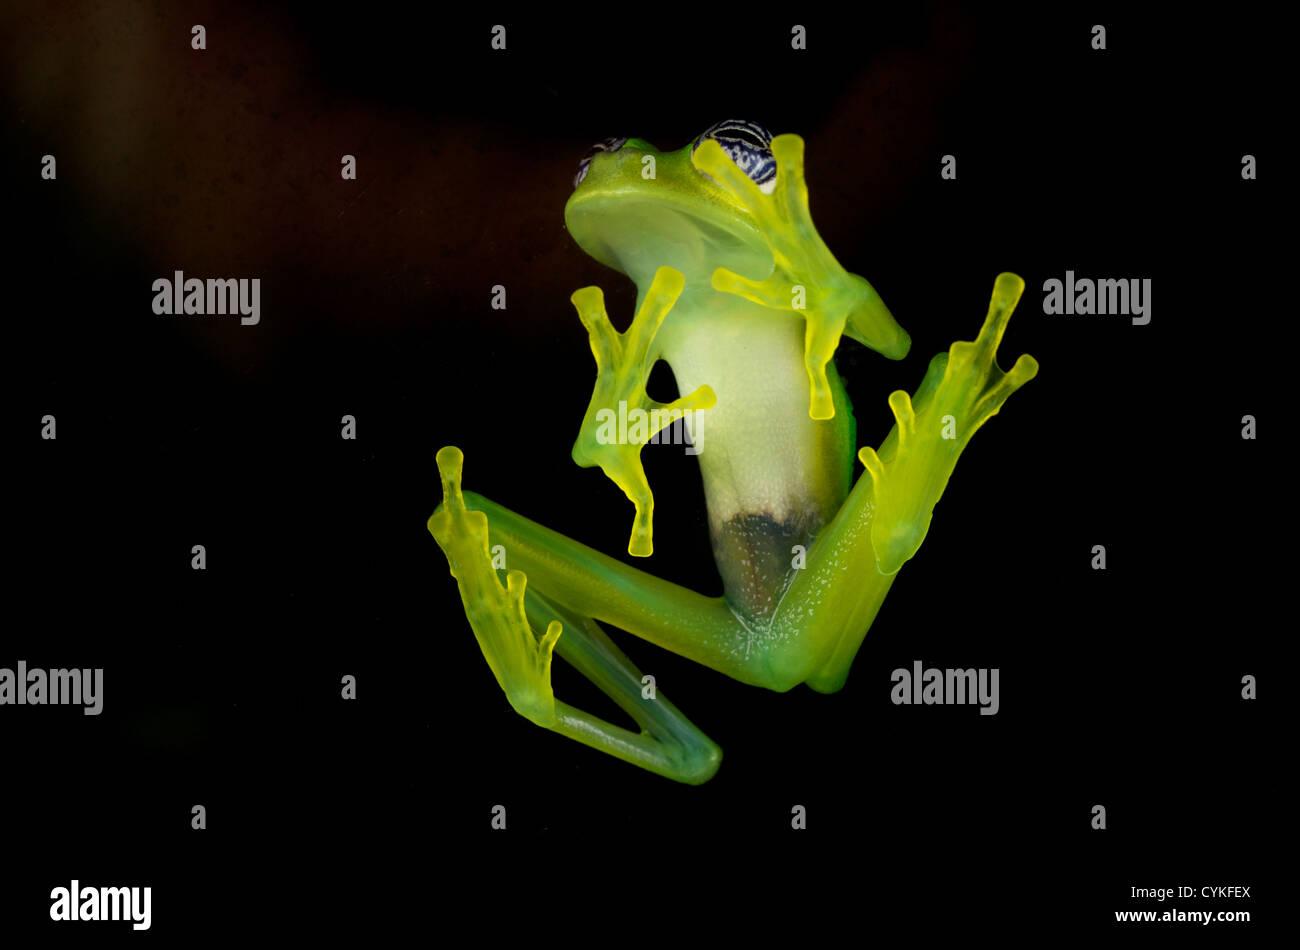 Fleischmann's Glass Frog (Hyalinobatrachium fleischmanni), Costa Rica. Banque D'Images